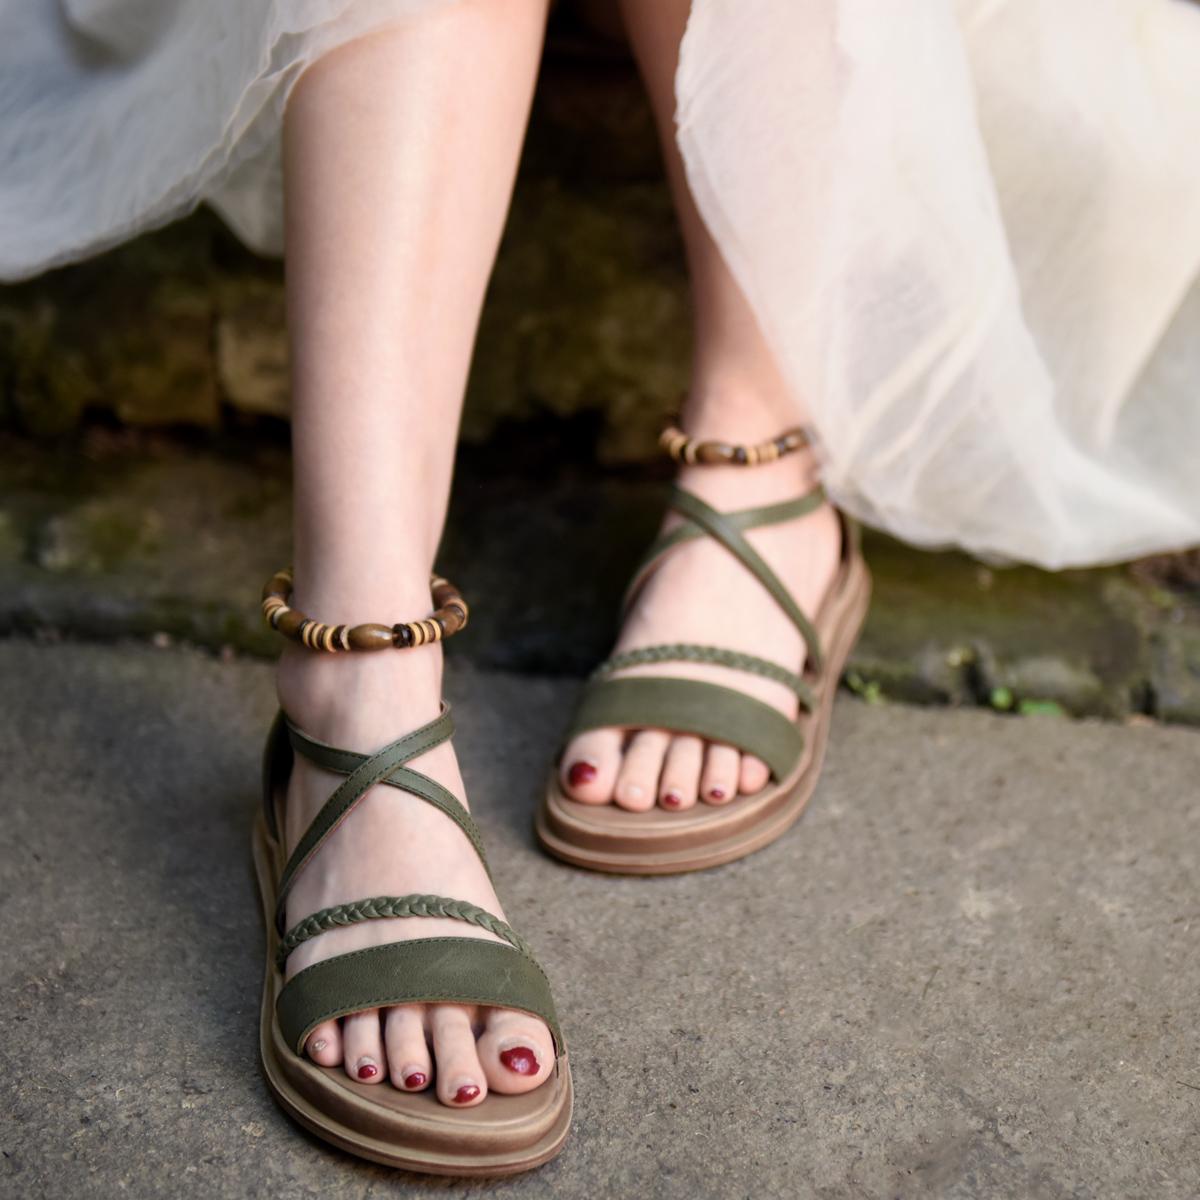 坡跟罗马鞋 Artmu阿木原创厚底罗马凉鞋波西米亚风真皮凉鞋民族风坡跟鞋新款_推荐淘宝好看的坡跟罗马鞋